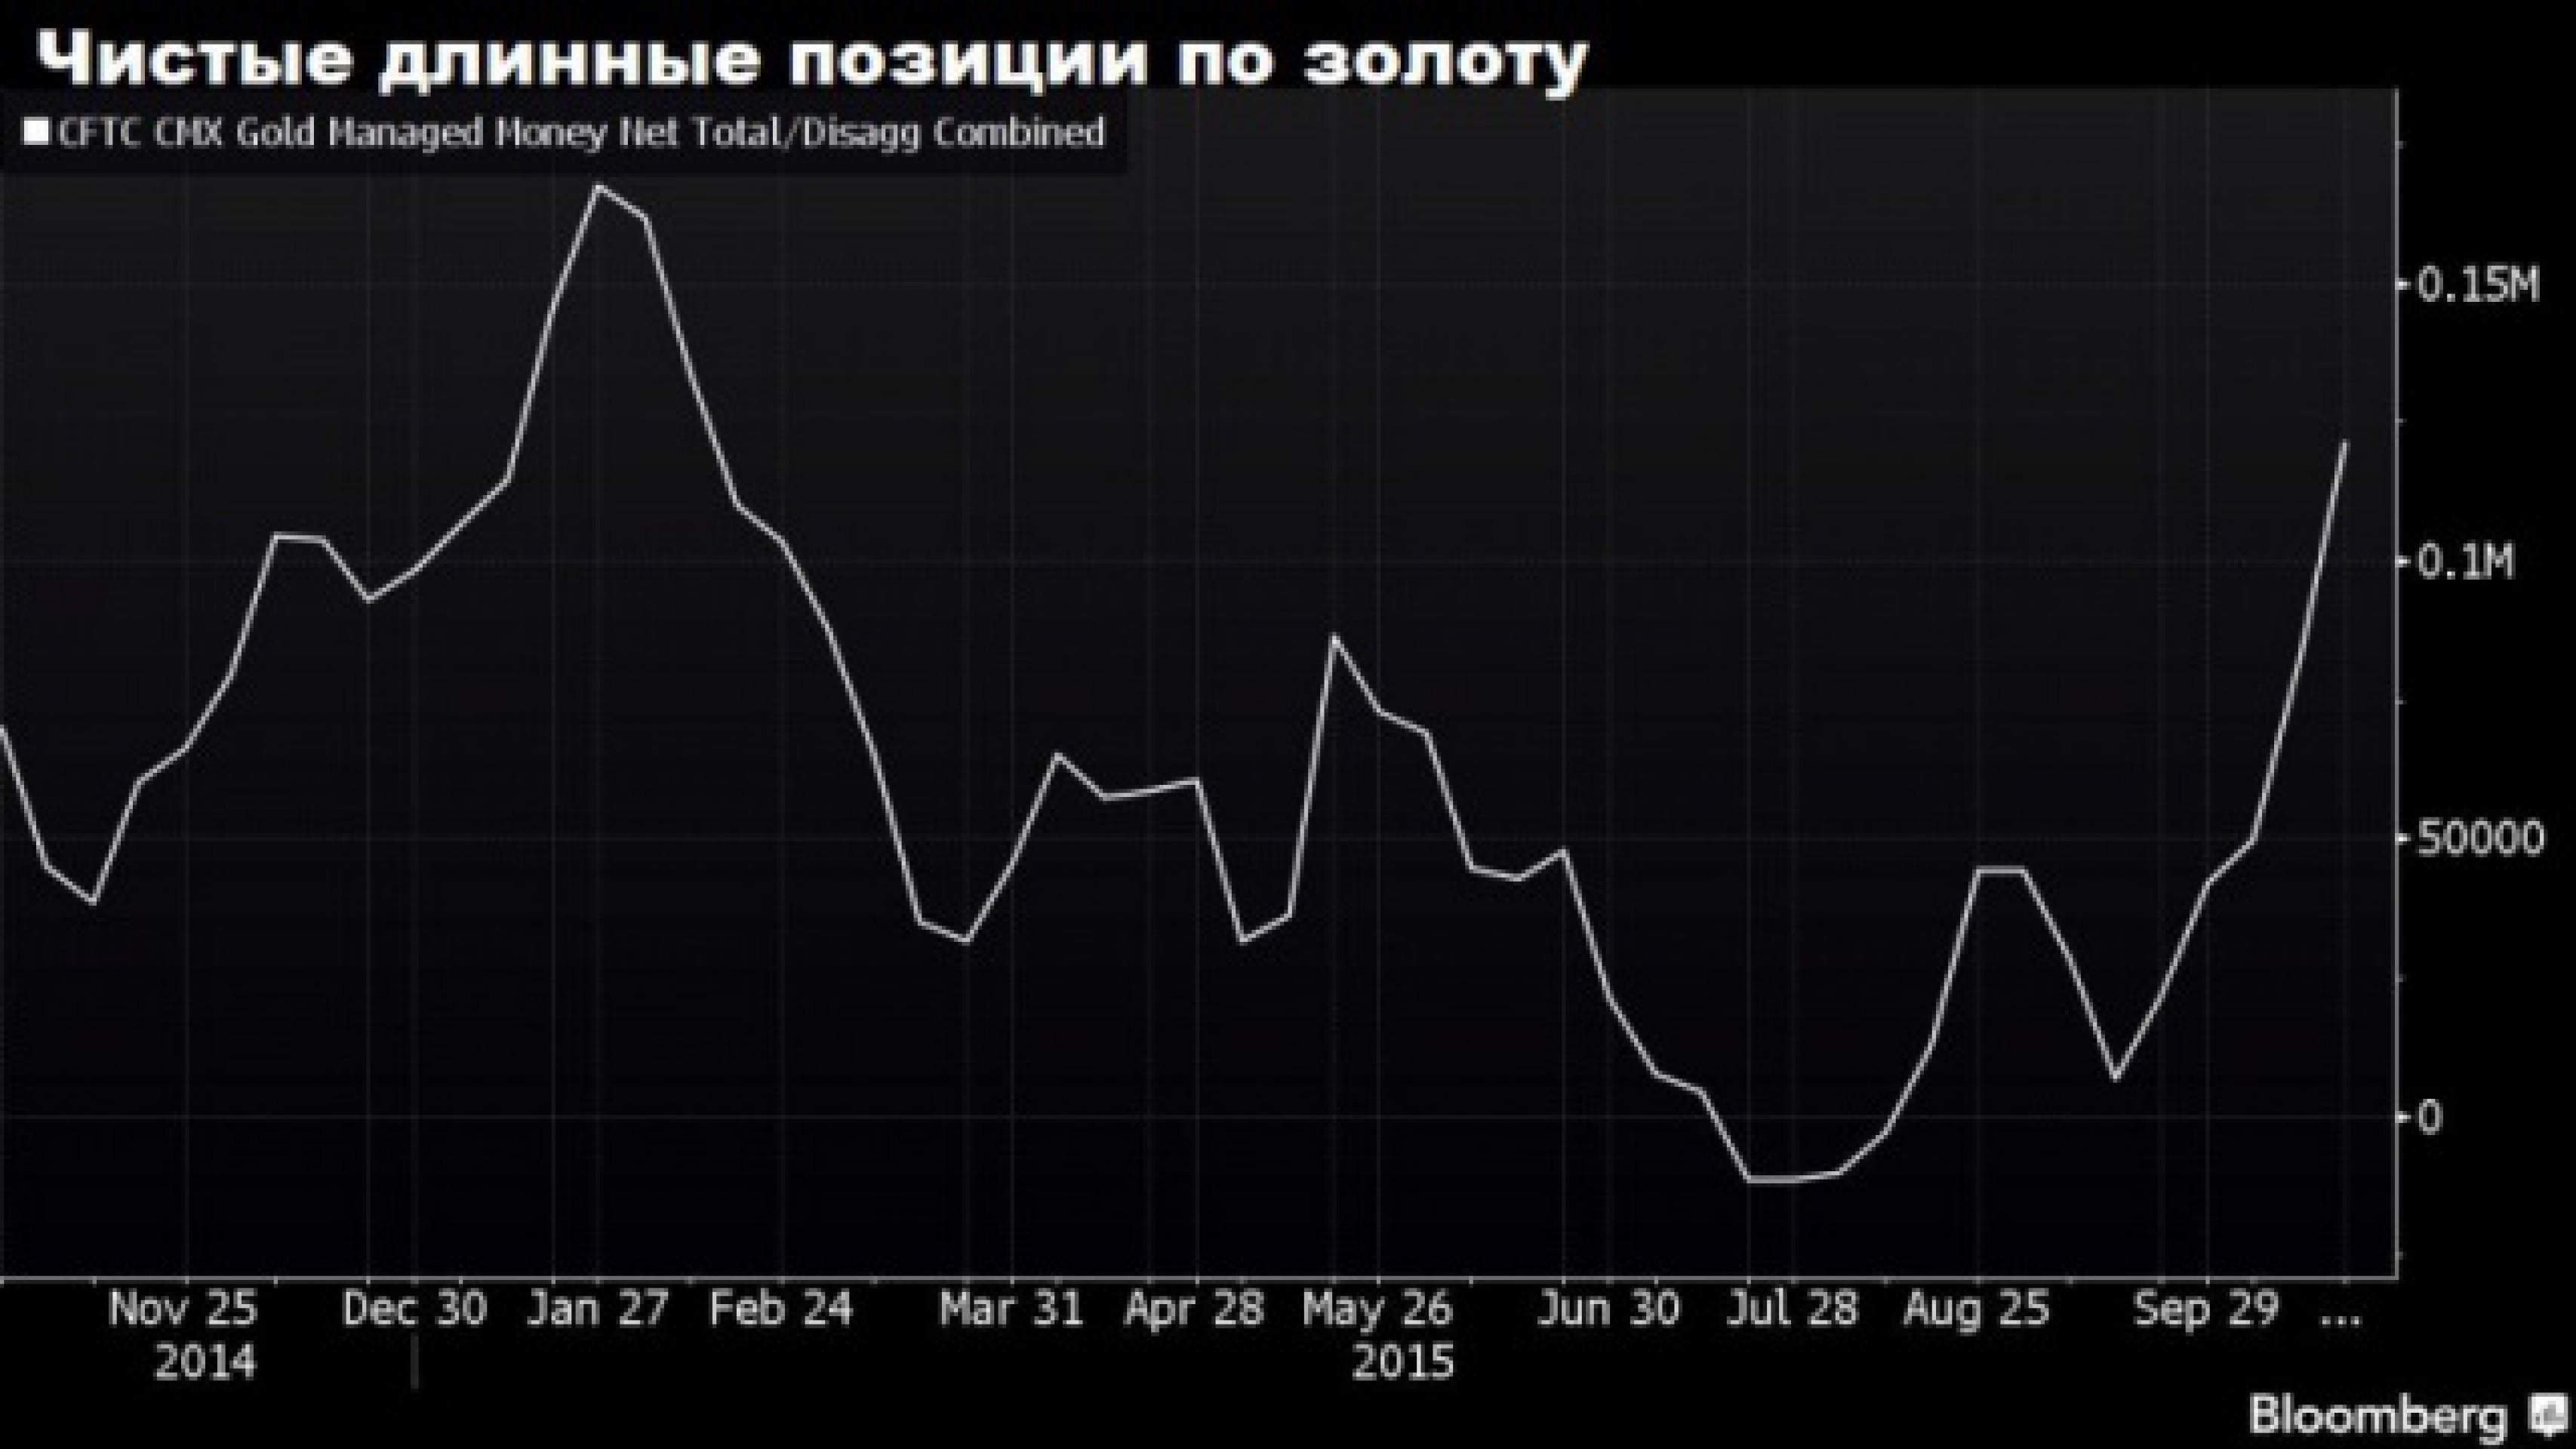 Россия не меняет предпочтений: покупает золото